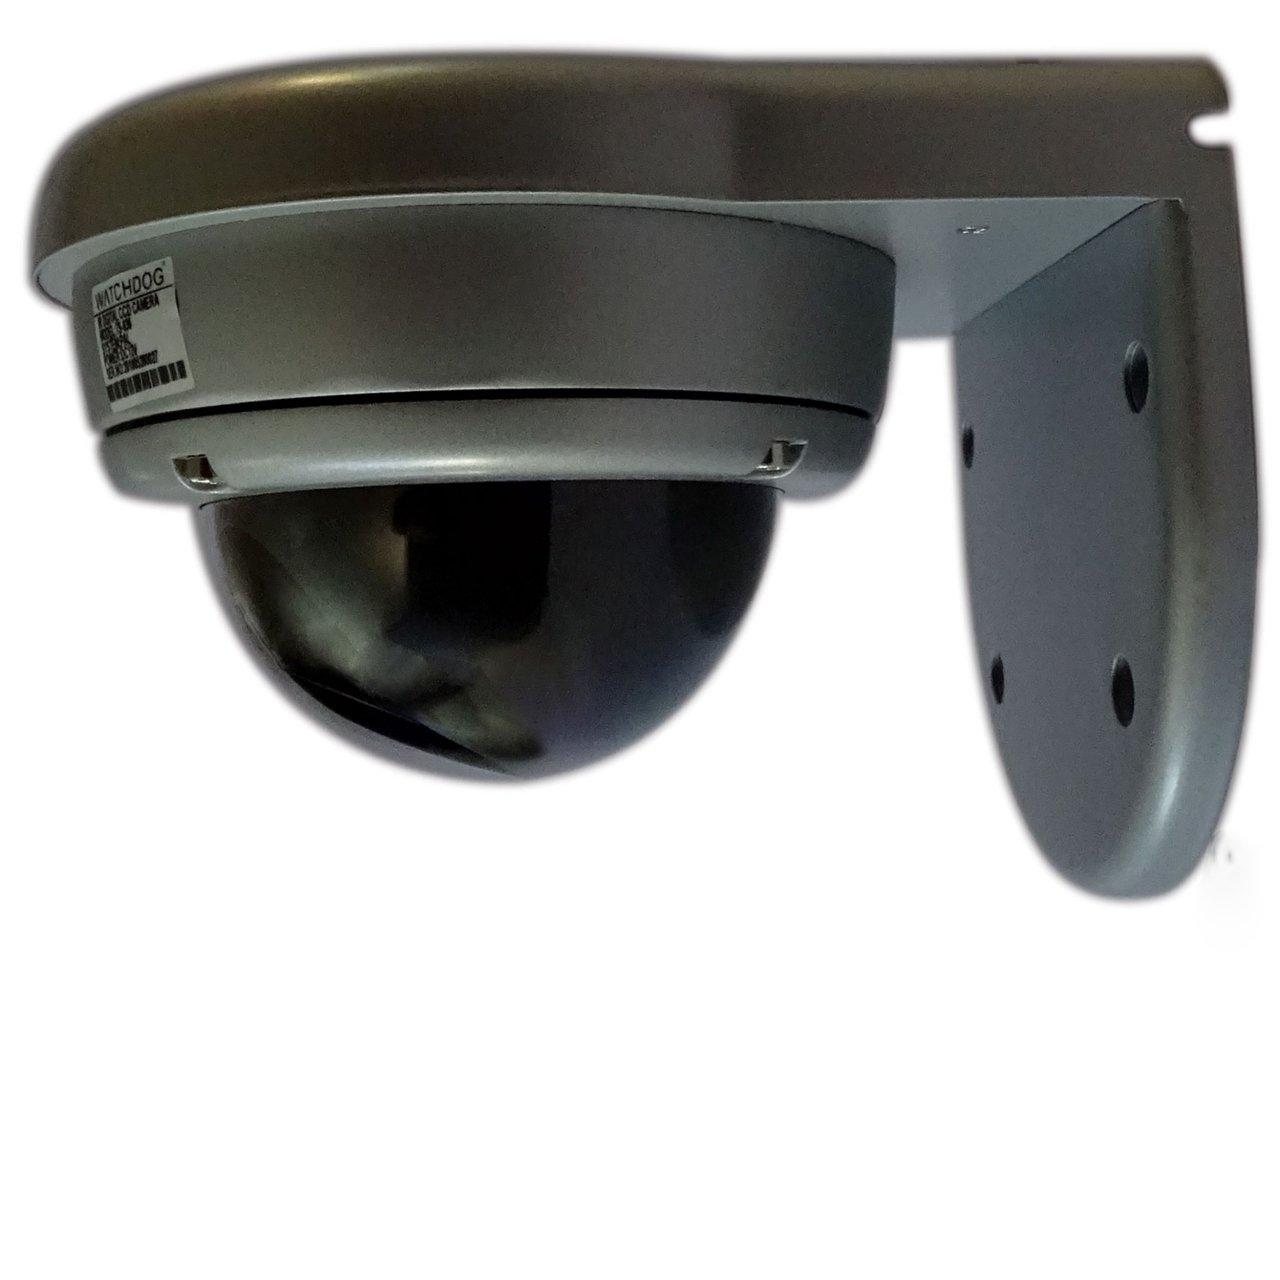 دوربین مدار بسته آنالوگ واچ داگ مدل WD-636